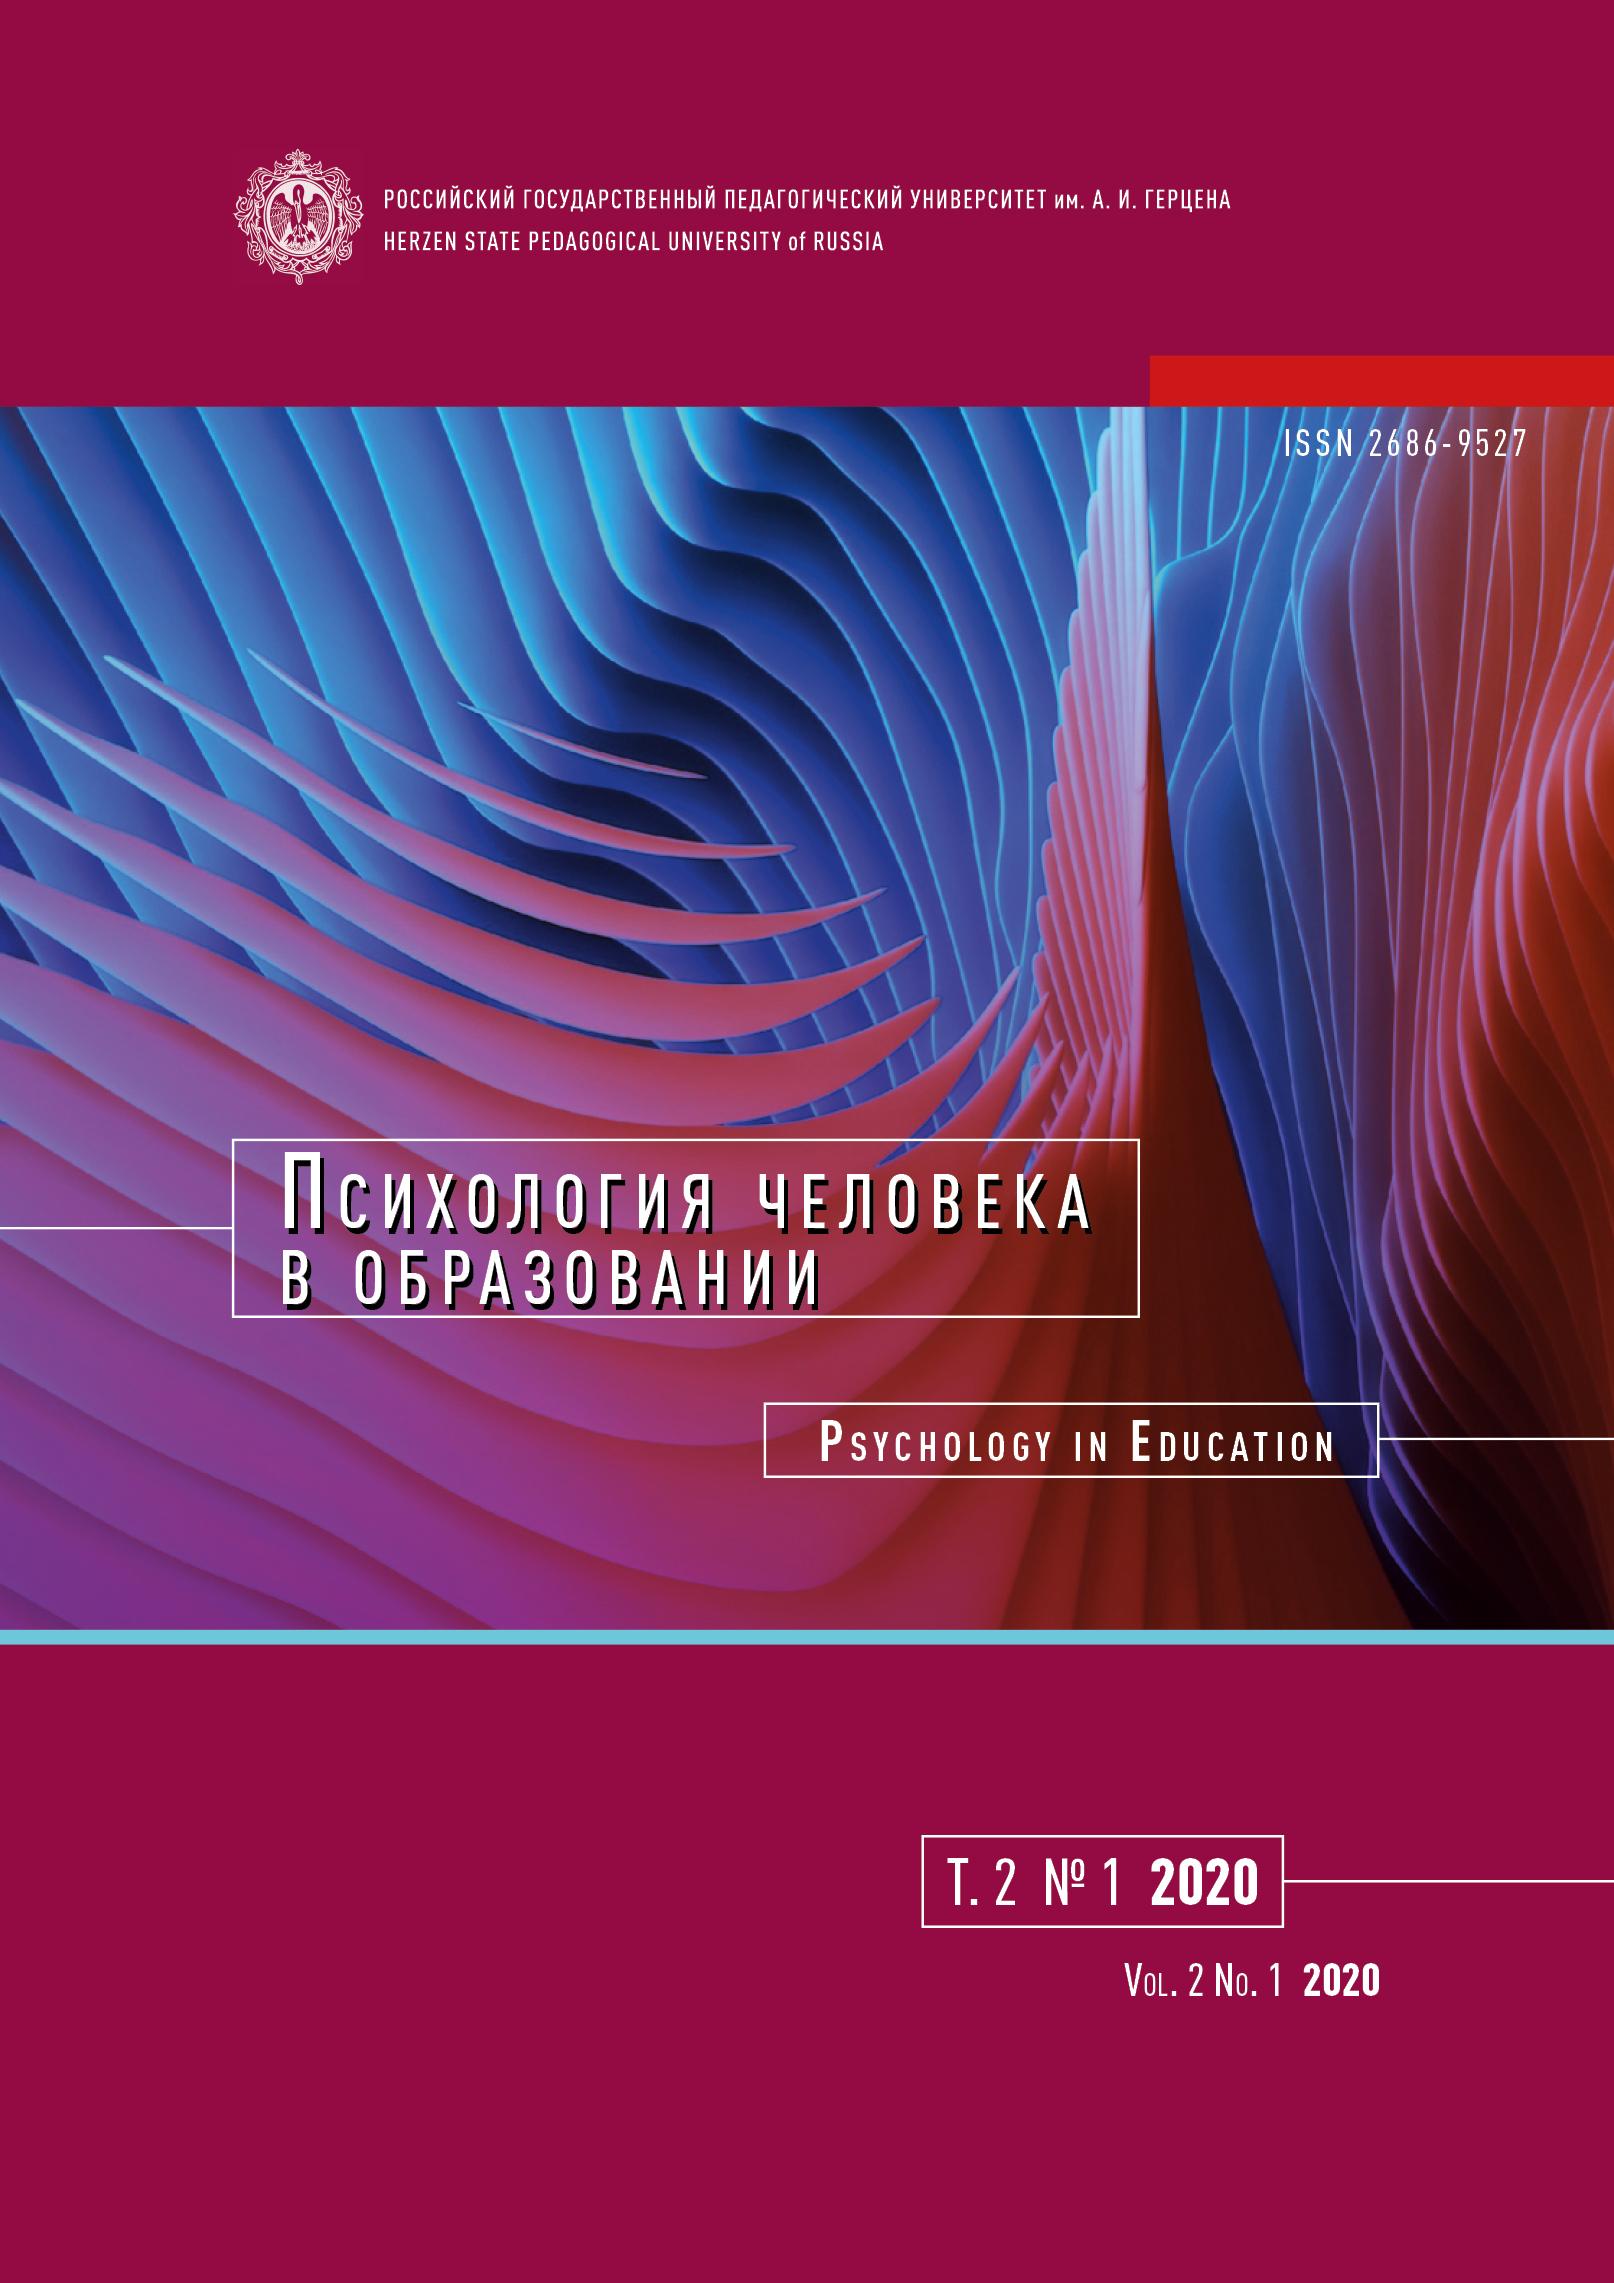 """Обложка журнала """"Психология человека в образовании"""" (т. 2, № 1)"""